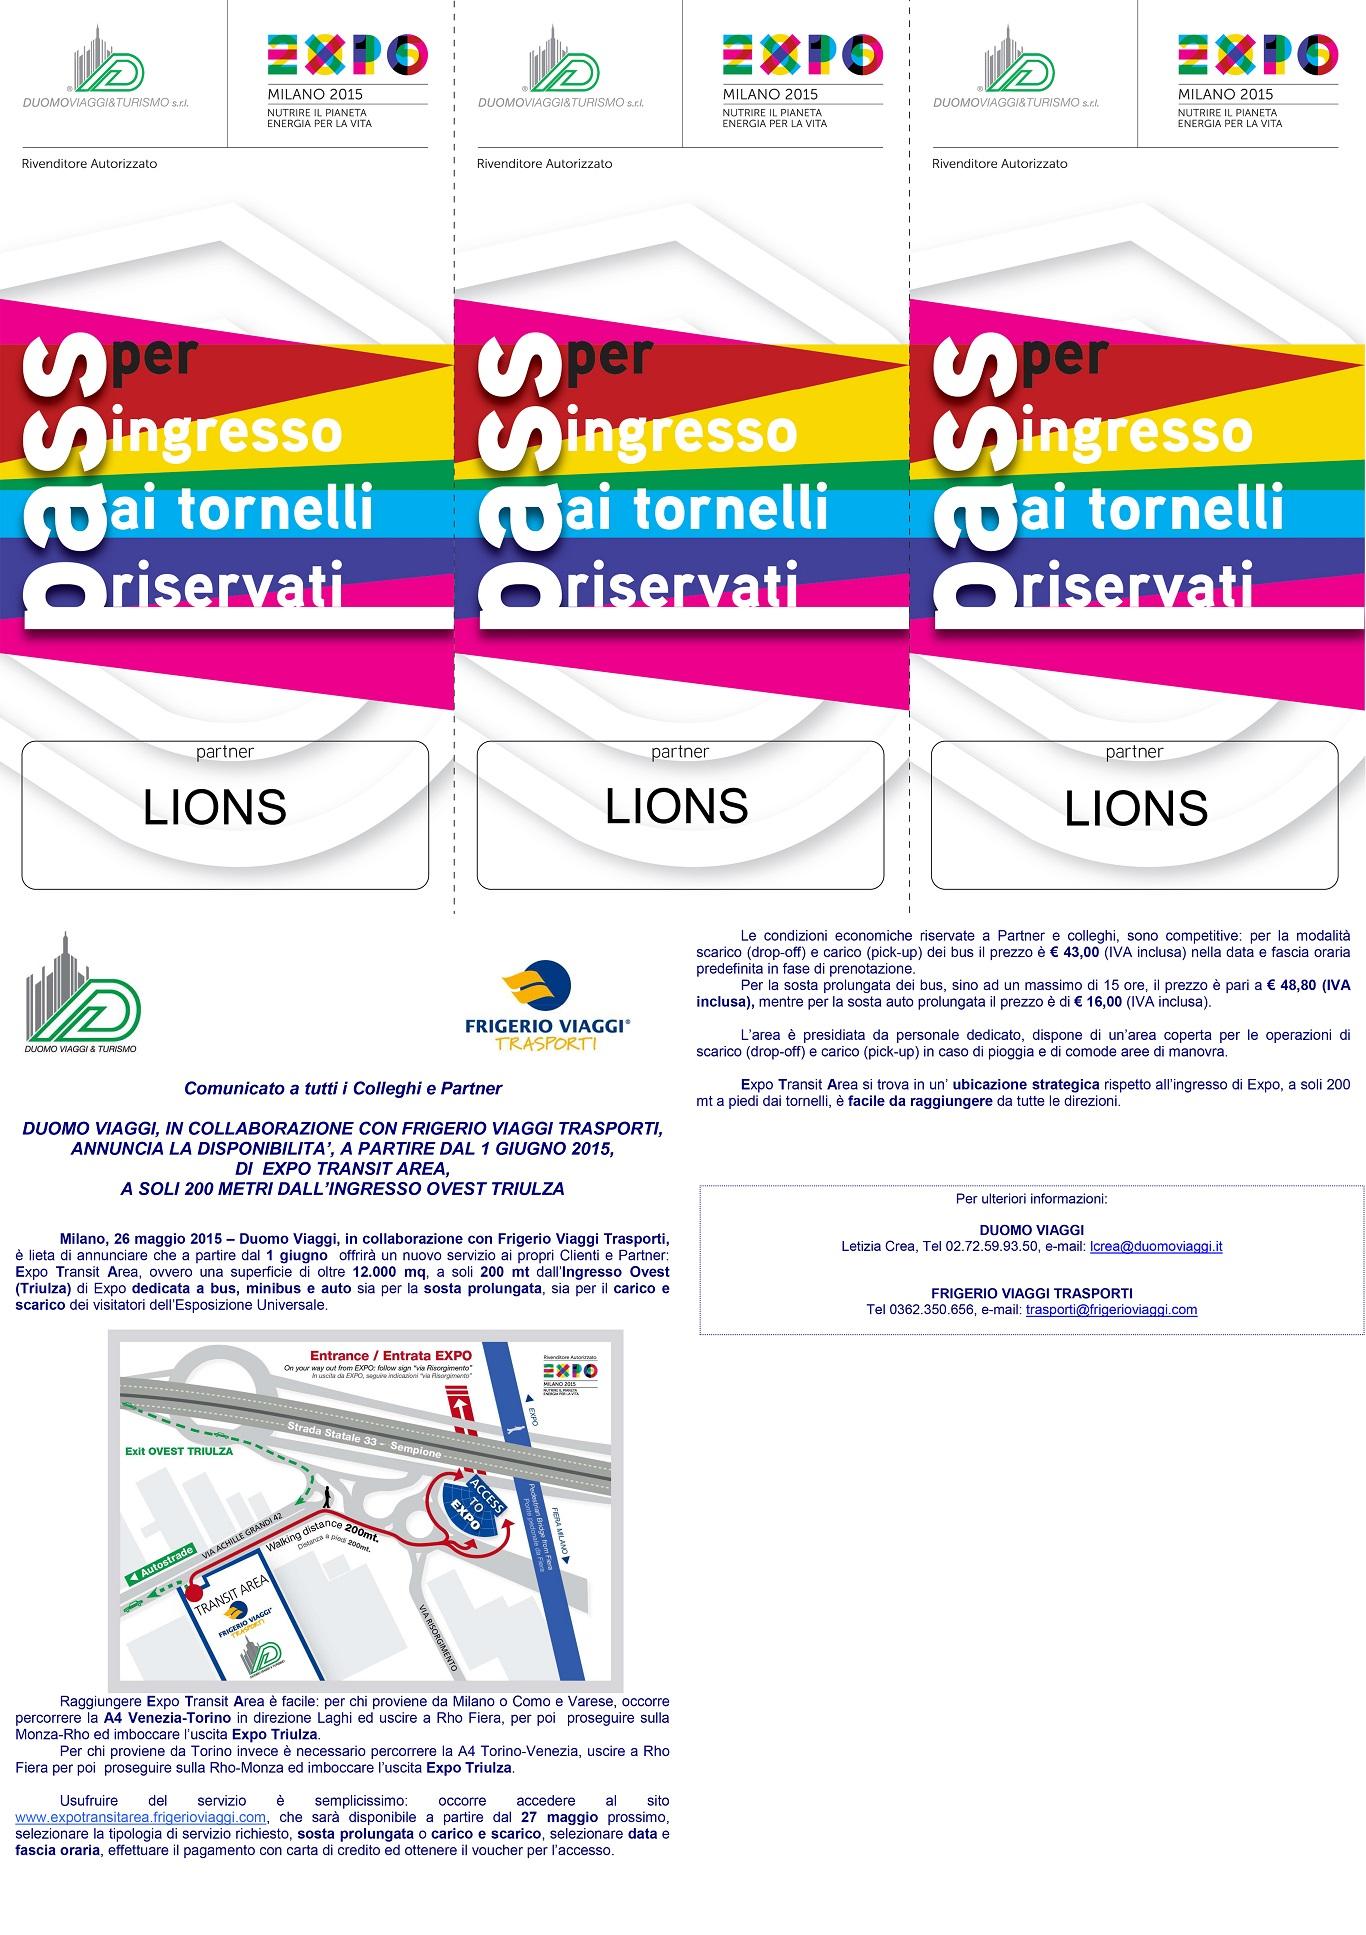 Comunicato Expo Transit Area x Duomo Viaggigate